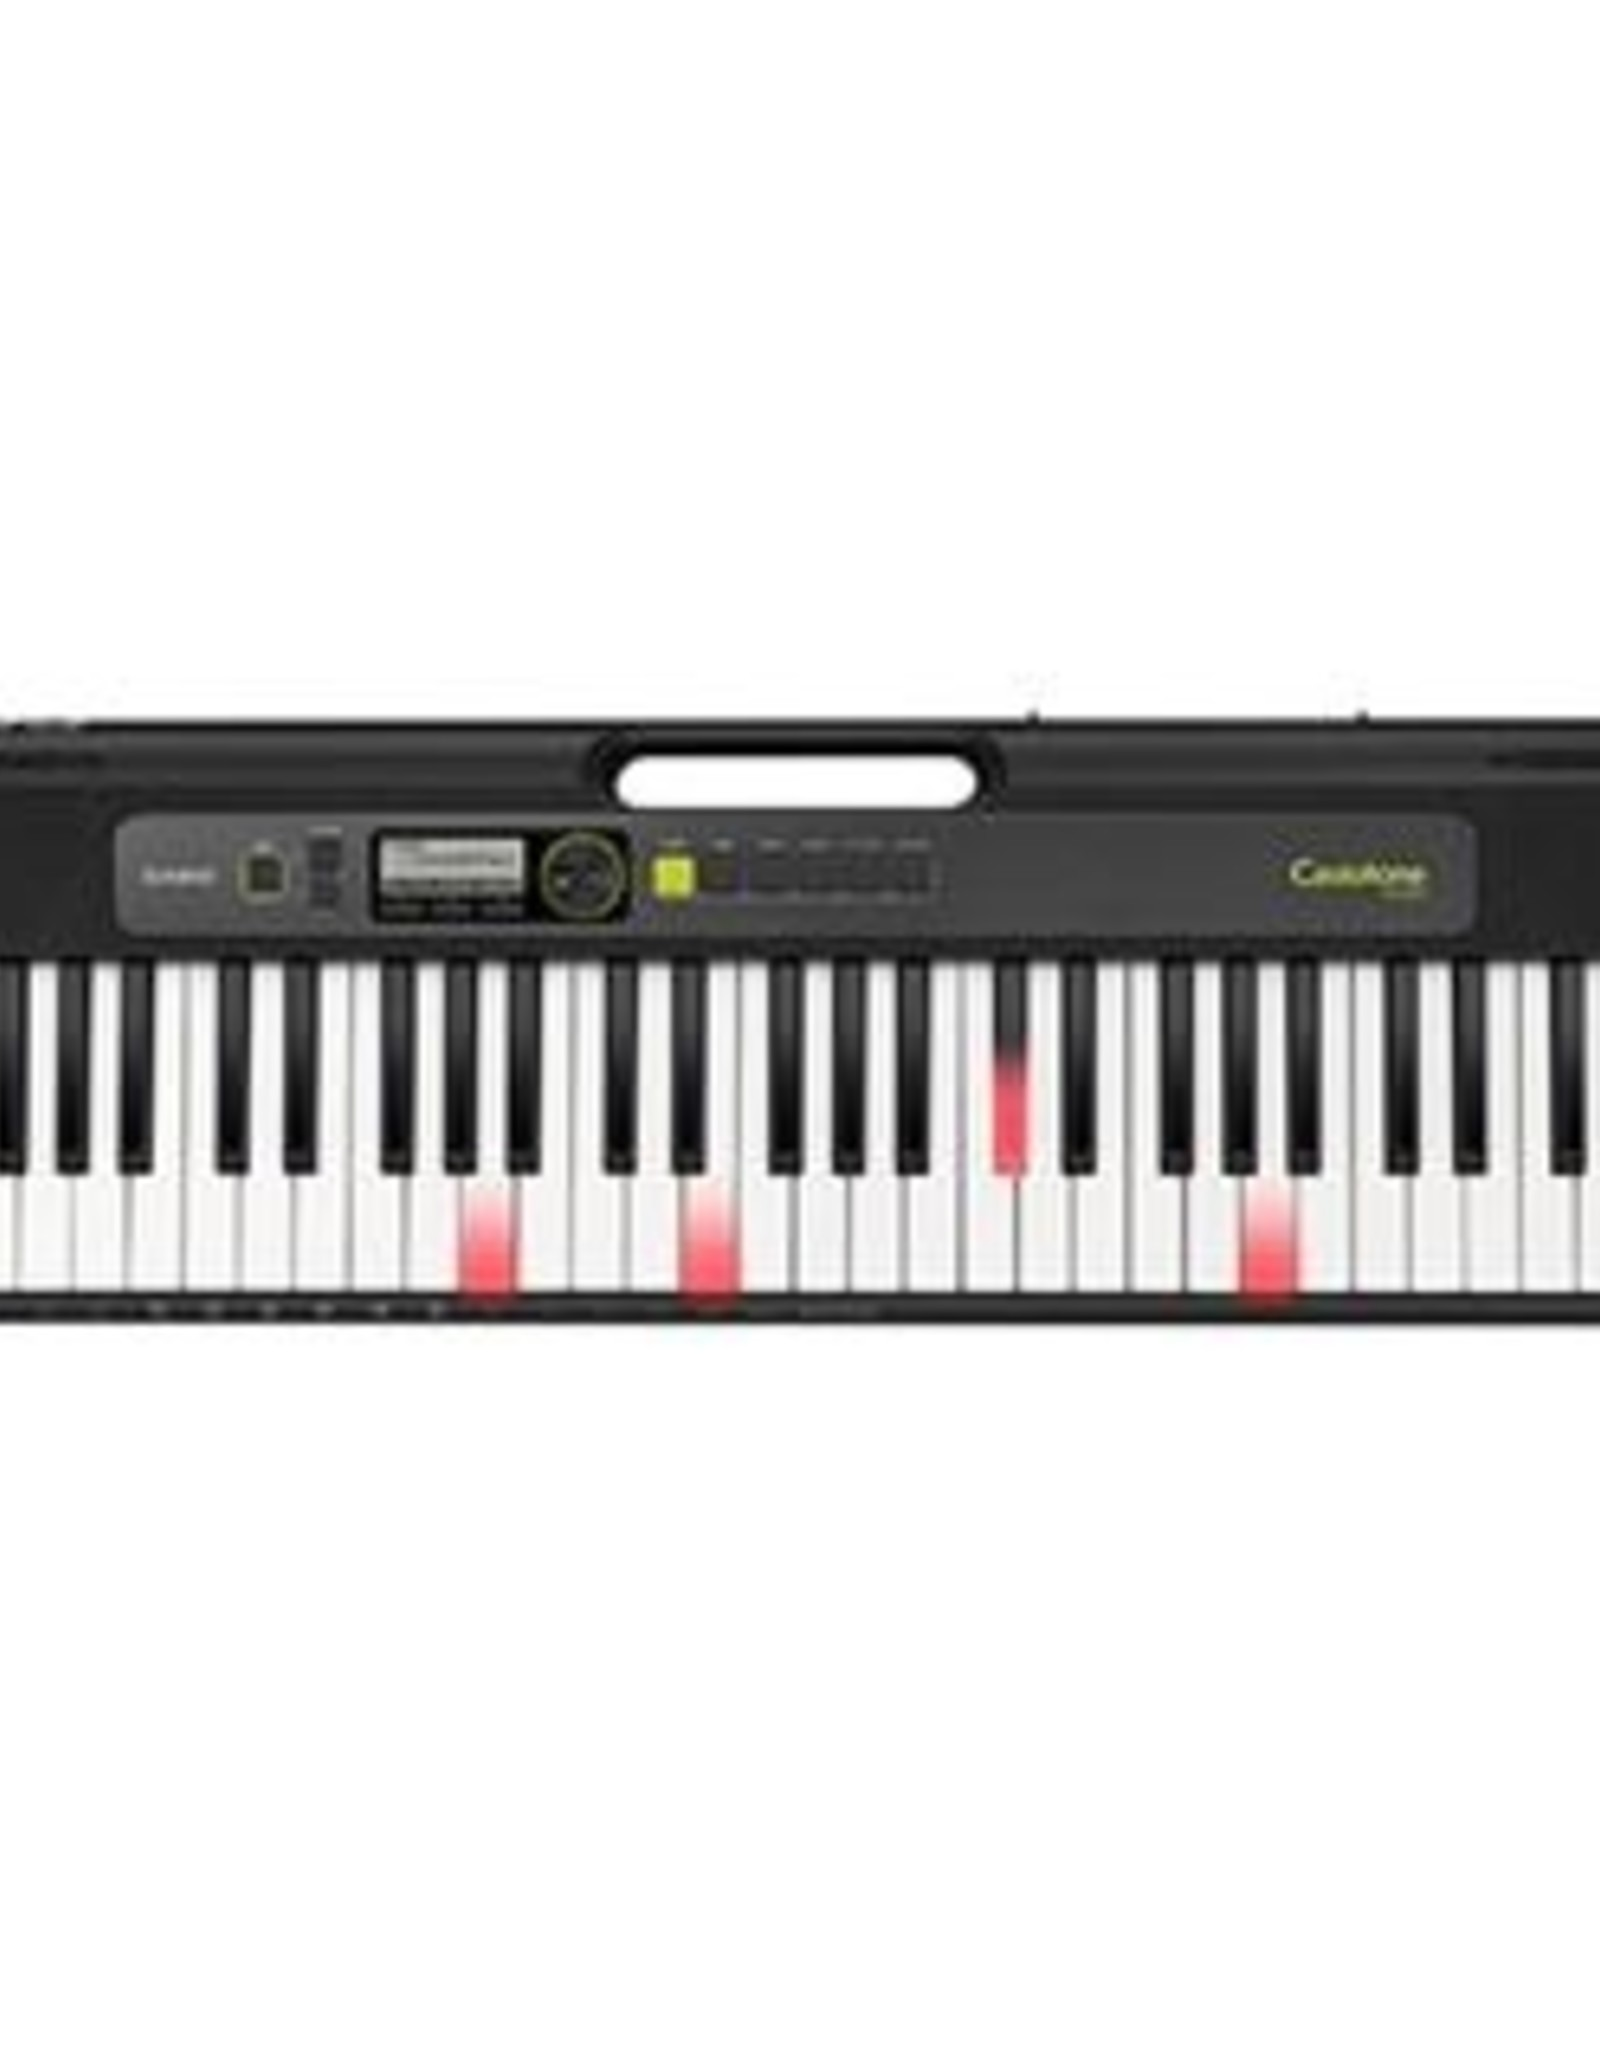 Casio Keyboard 61 Key Light Up Keys